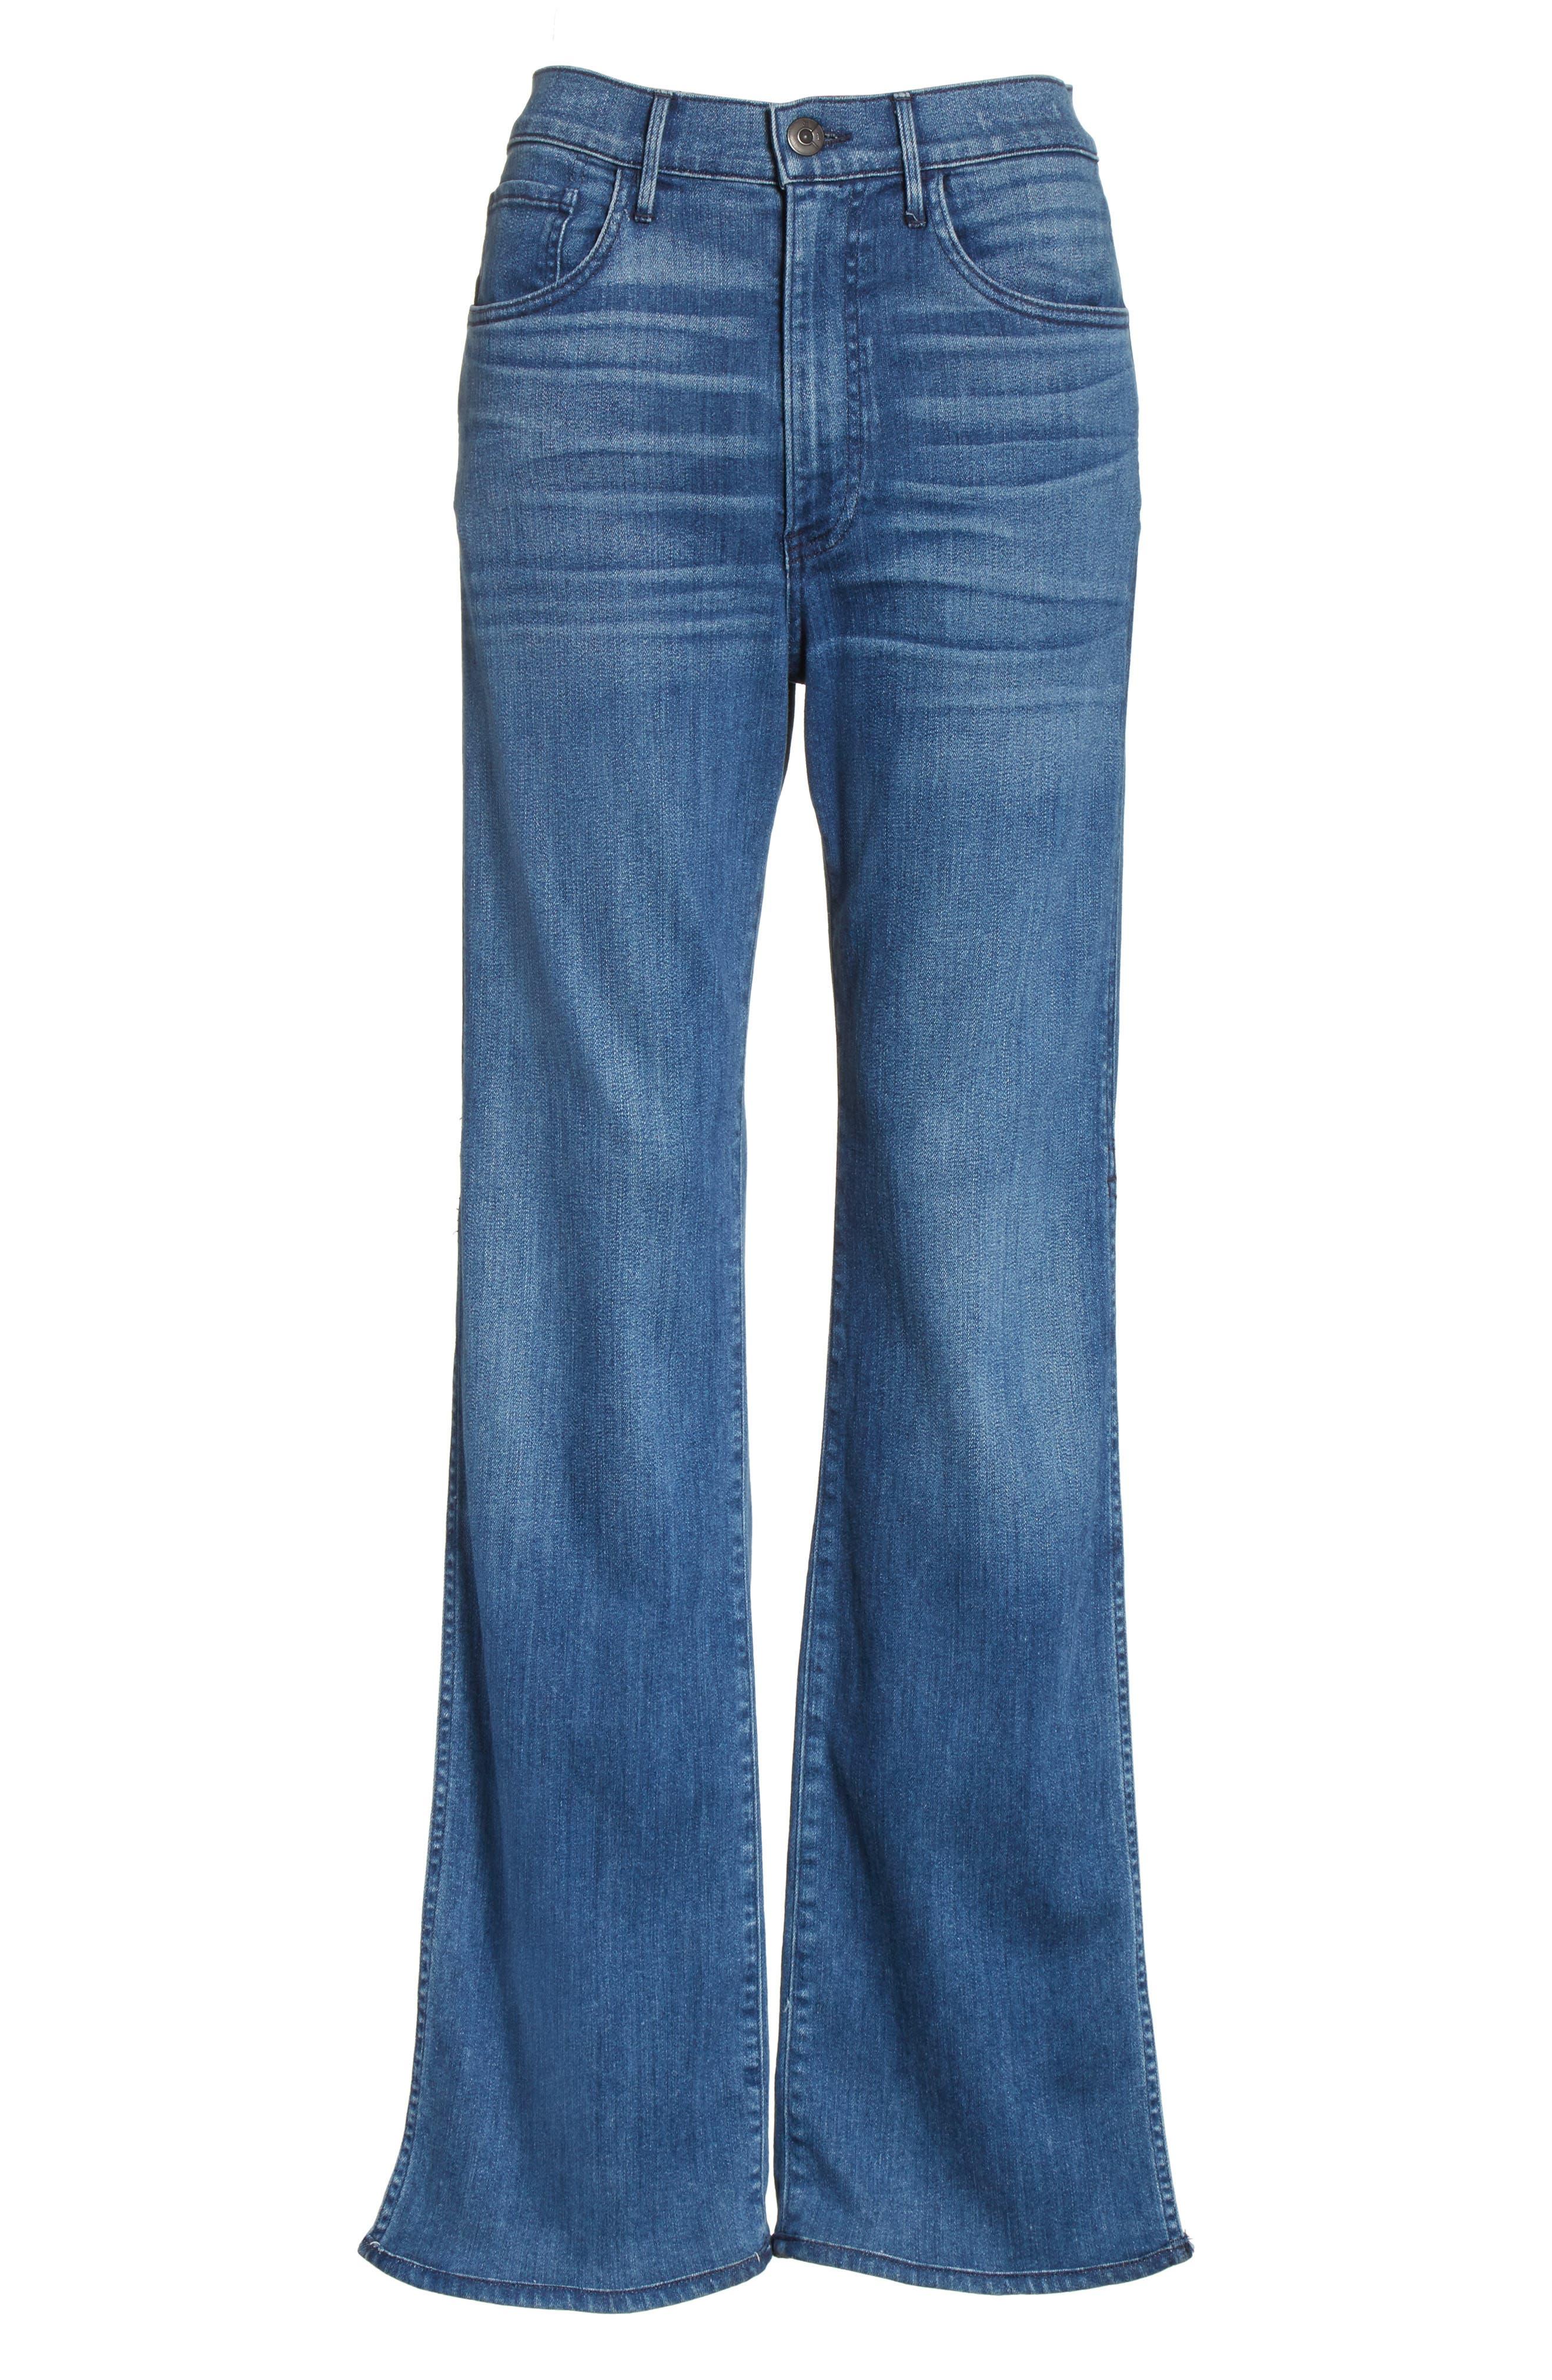 W4 Adeline High Waist Split Flare Jeans,                             Alternate thumbnail 6, color,                             426